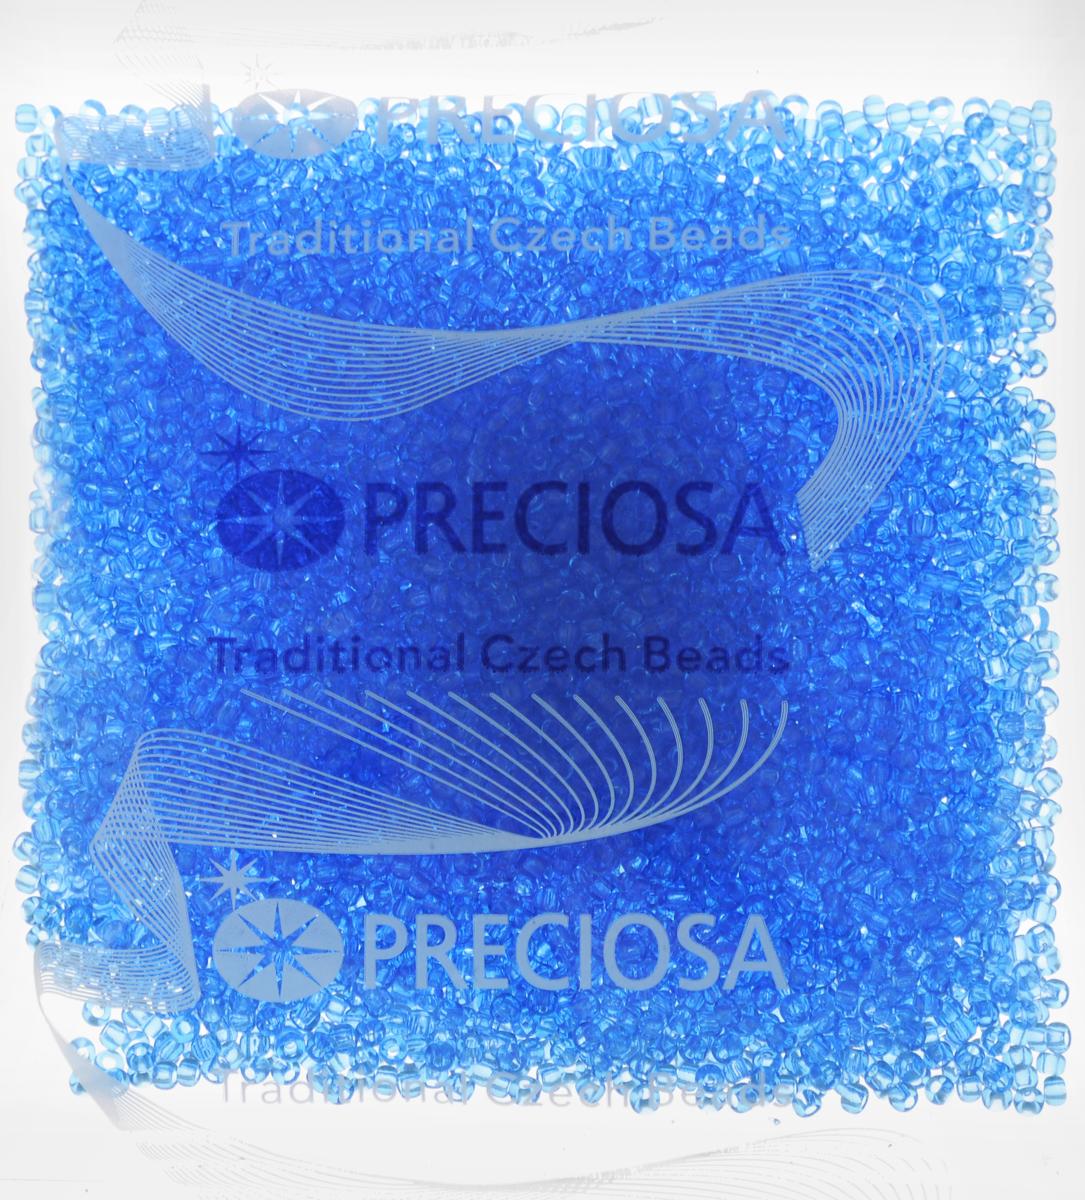 Бисер Preciosa Ассорти, прозрачный, с радужным покрытием, цвет: лазурно-голубой (01), 0/10, 50 г163142_01_голубойБисер Preciosa Ассорти, изготовленный из стекла круглой формы, позволит вам своими руками создать оригинальные ожерелья, бусы или браслеты, а также заняться вышиванием. В бисероплетении часто используют бисер разных размеров и цветов. Он идеально подойдет для вышивания на предметах быта и женской одежде. Изготовление украшений - занимательное хобби и реализация творческих способностей рукодельницы, это возможность создания неповторимого индивидуального подарка.